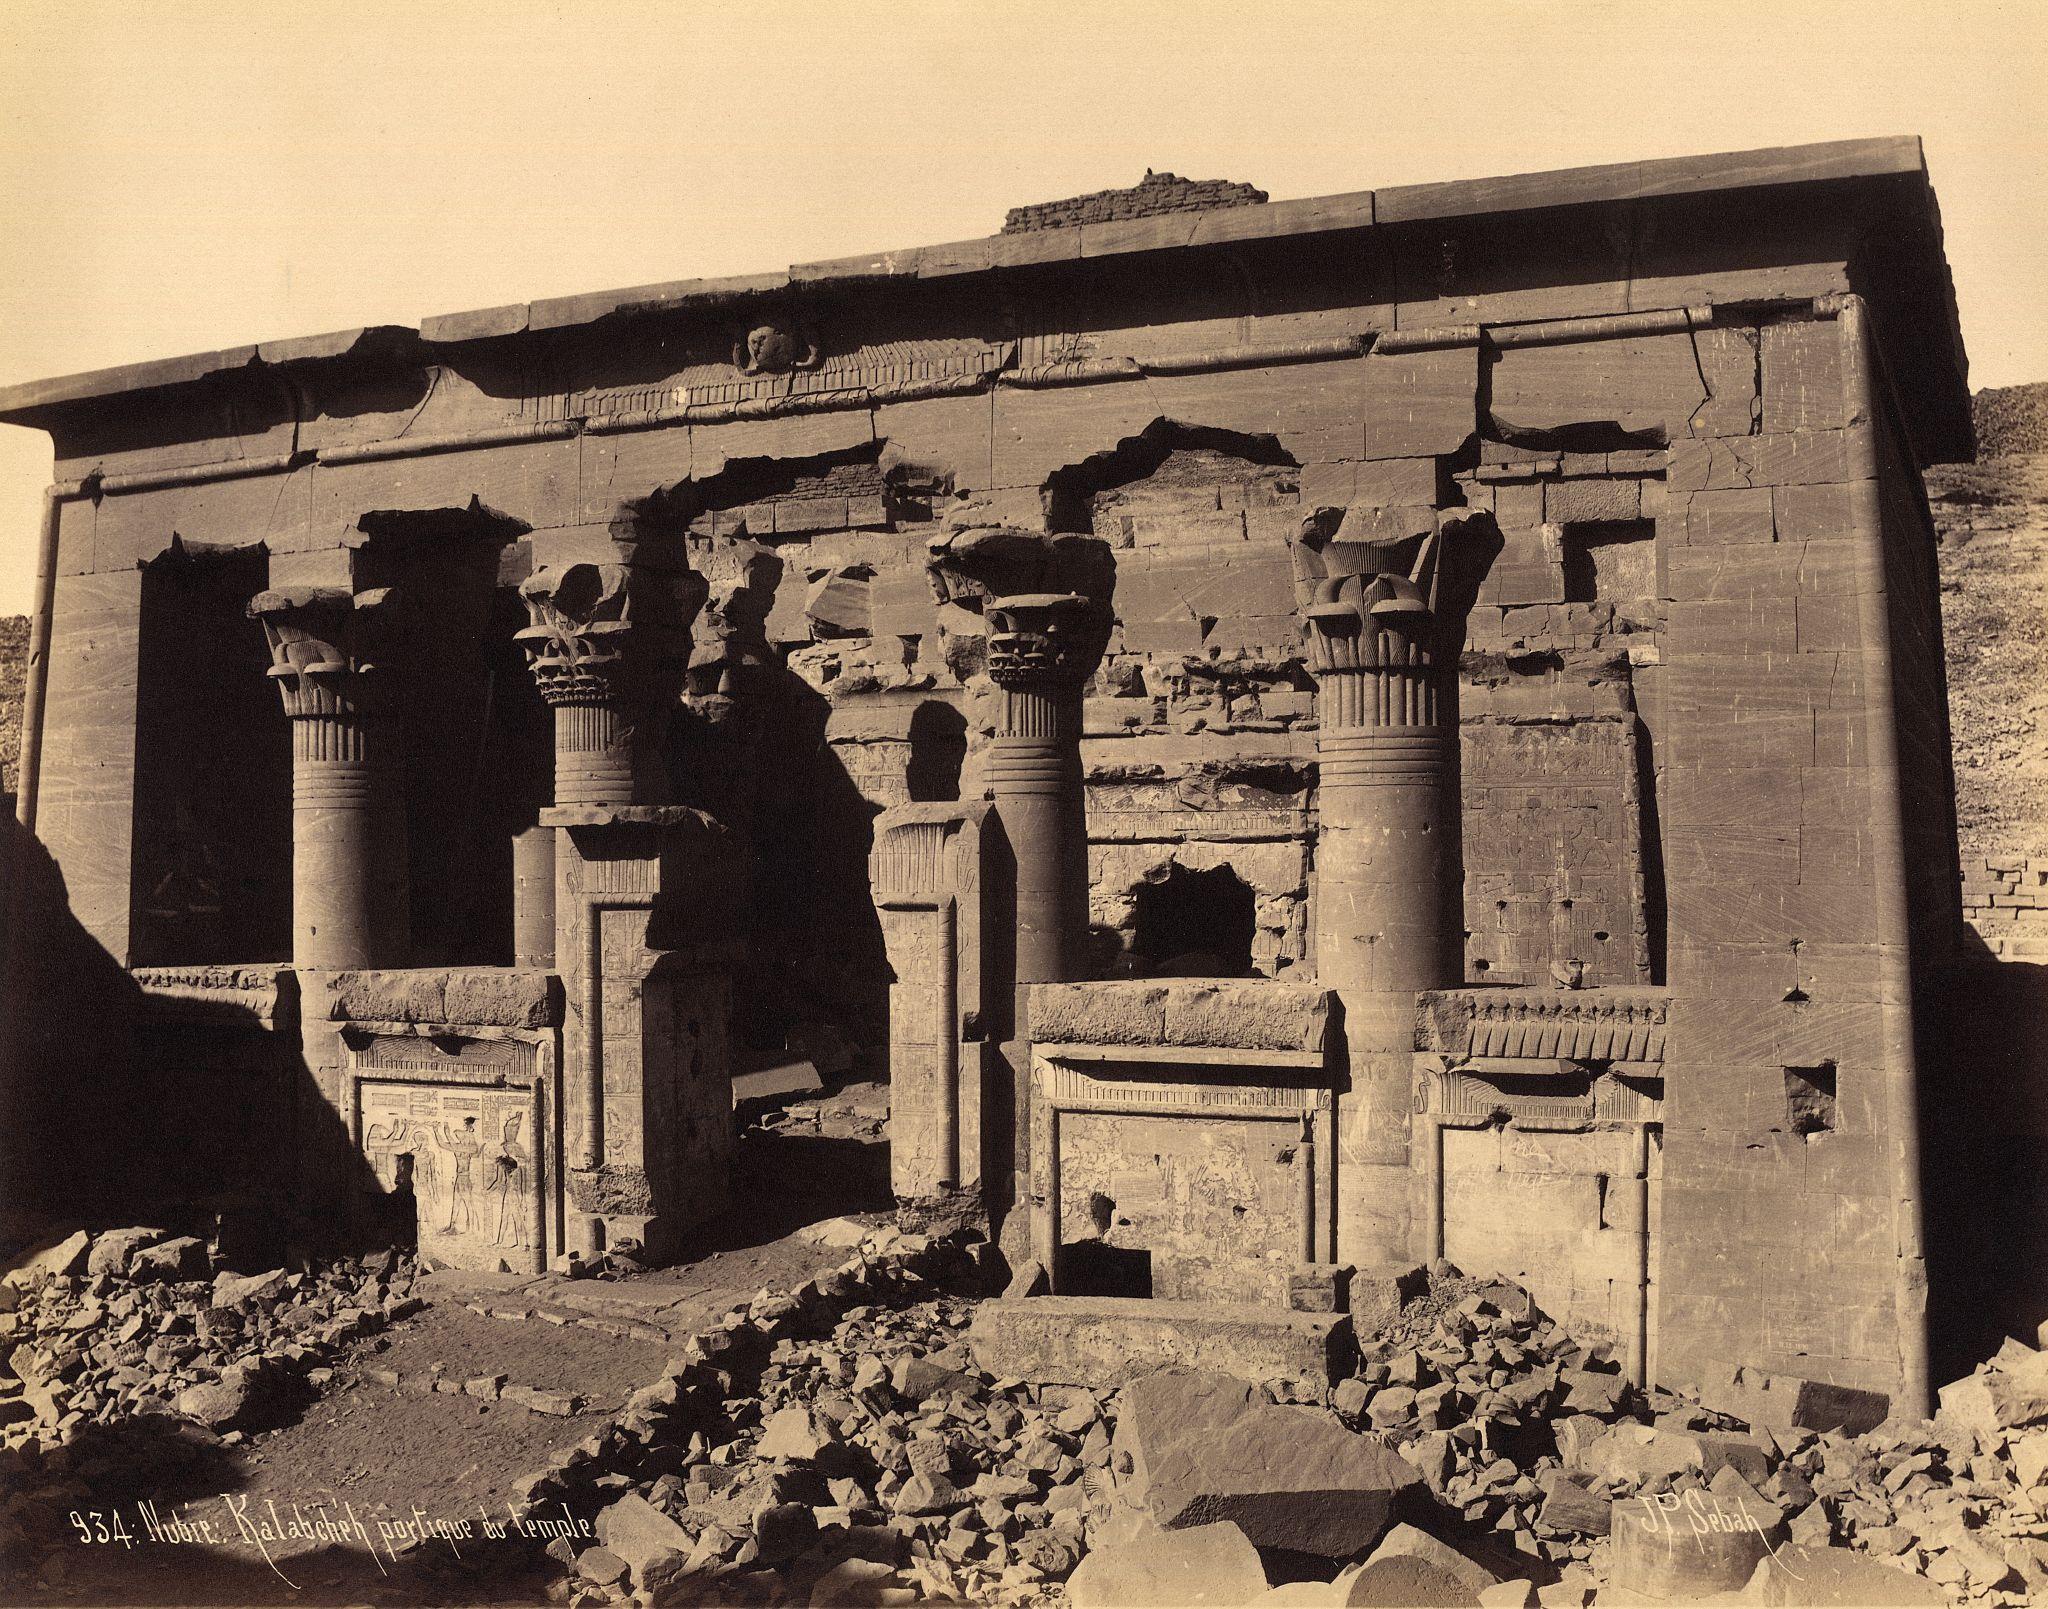 Храм Калабша (также Храм Мандулиса) — древний египетский храм, который был первоначально расположен в Баб эль-Калабша